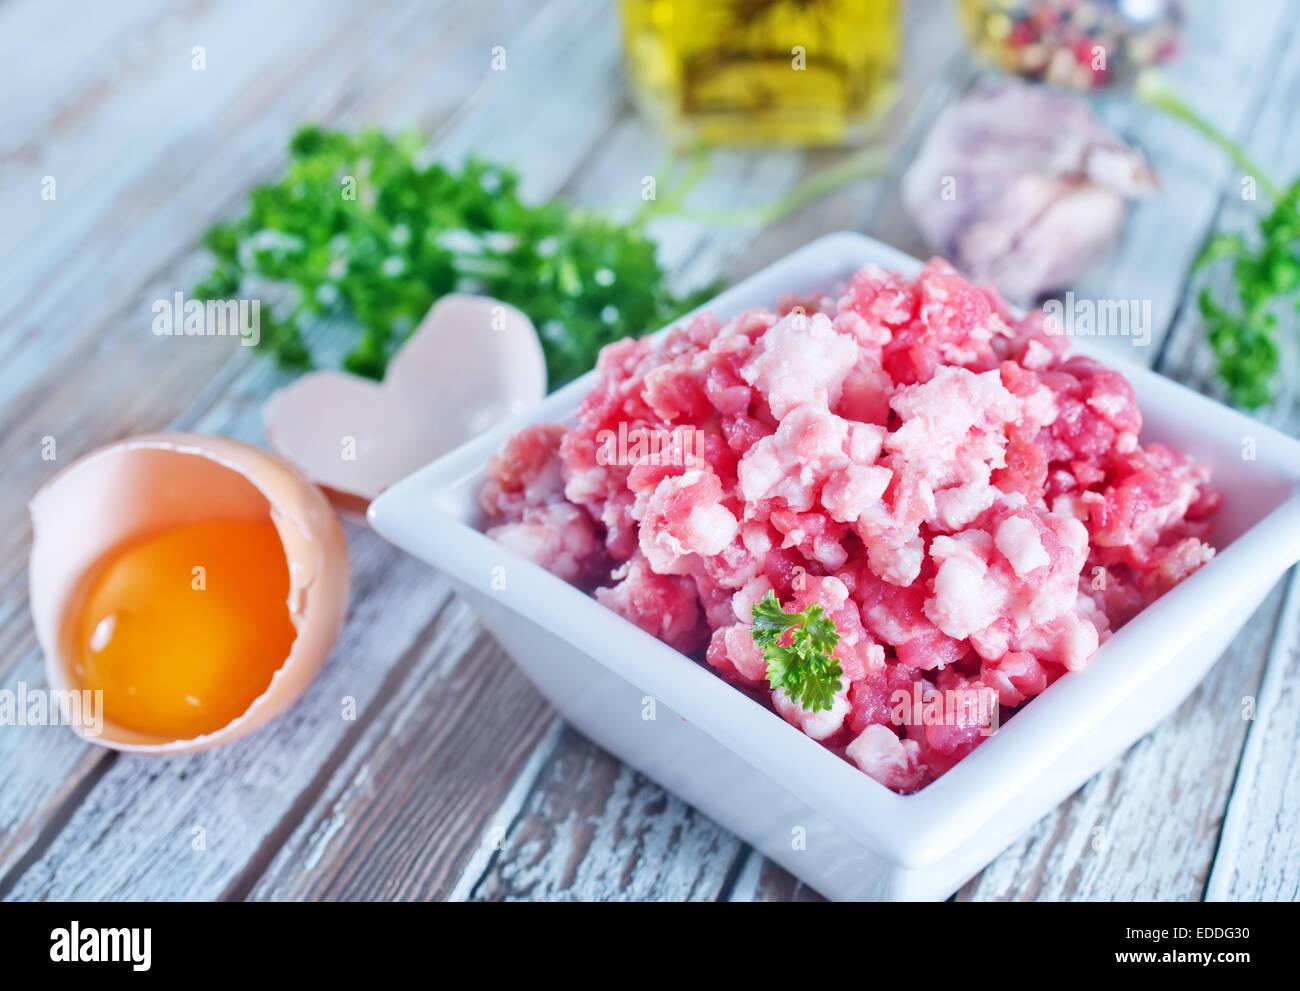 Mincing Garlic Stock Photos Amp Mincing Garlic Stock Images